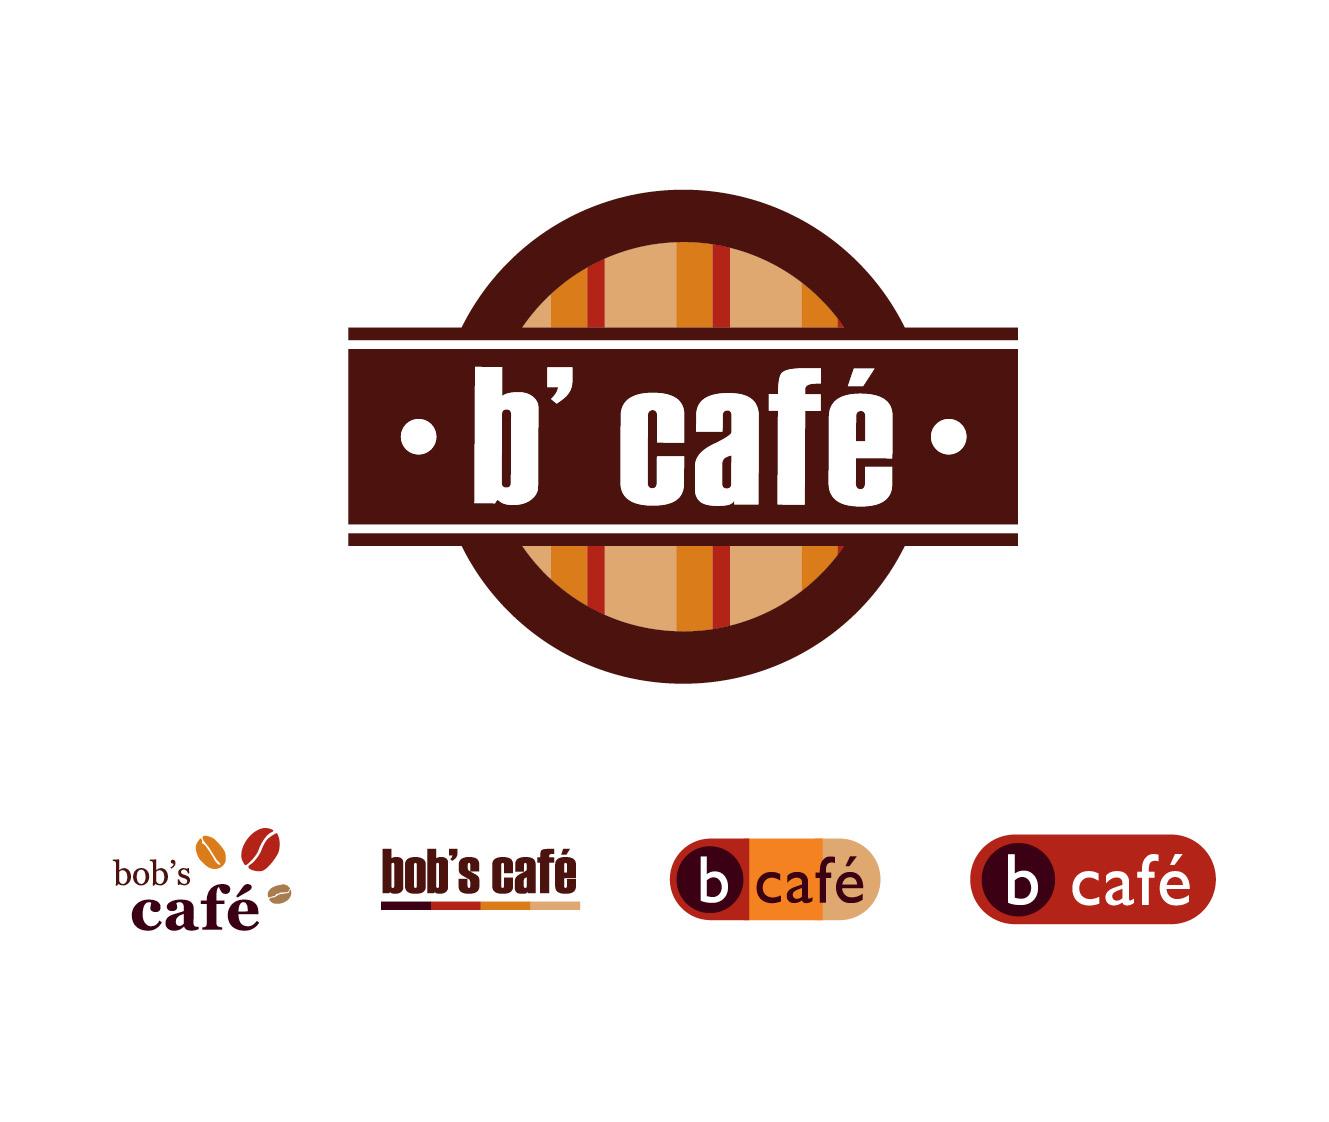 criação de uma marca para o Bob's